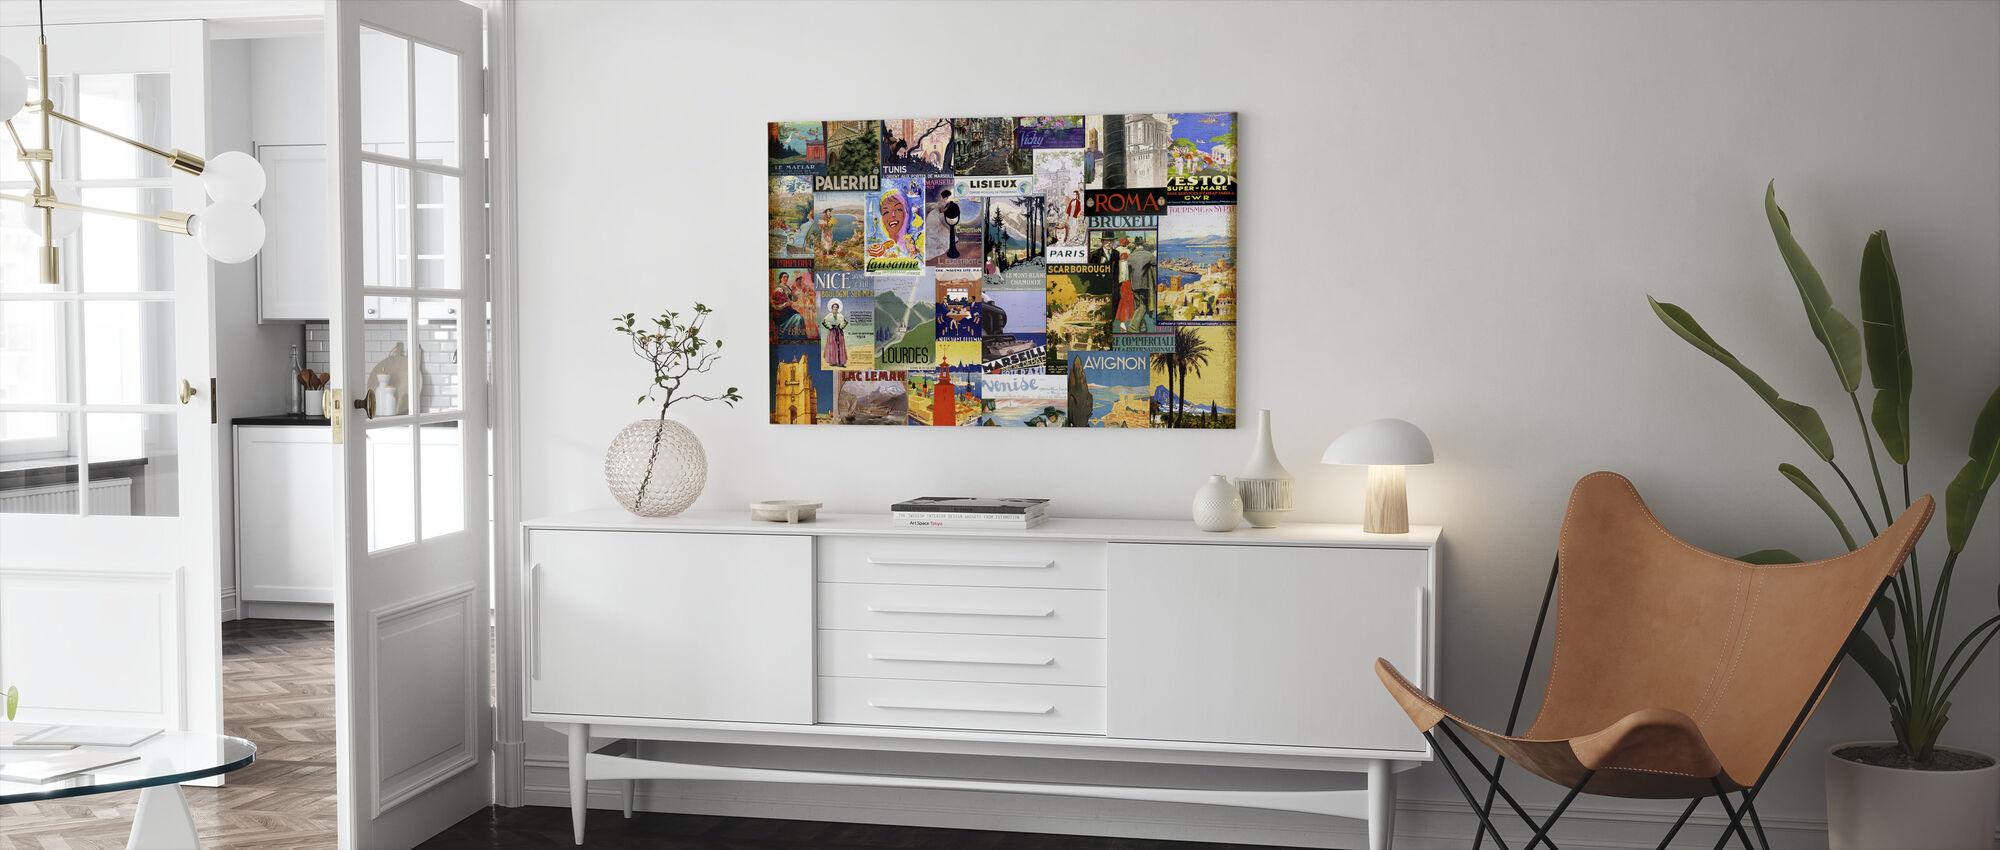 Collage van Europese steden - Canvas print - Woonkamer